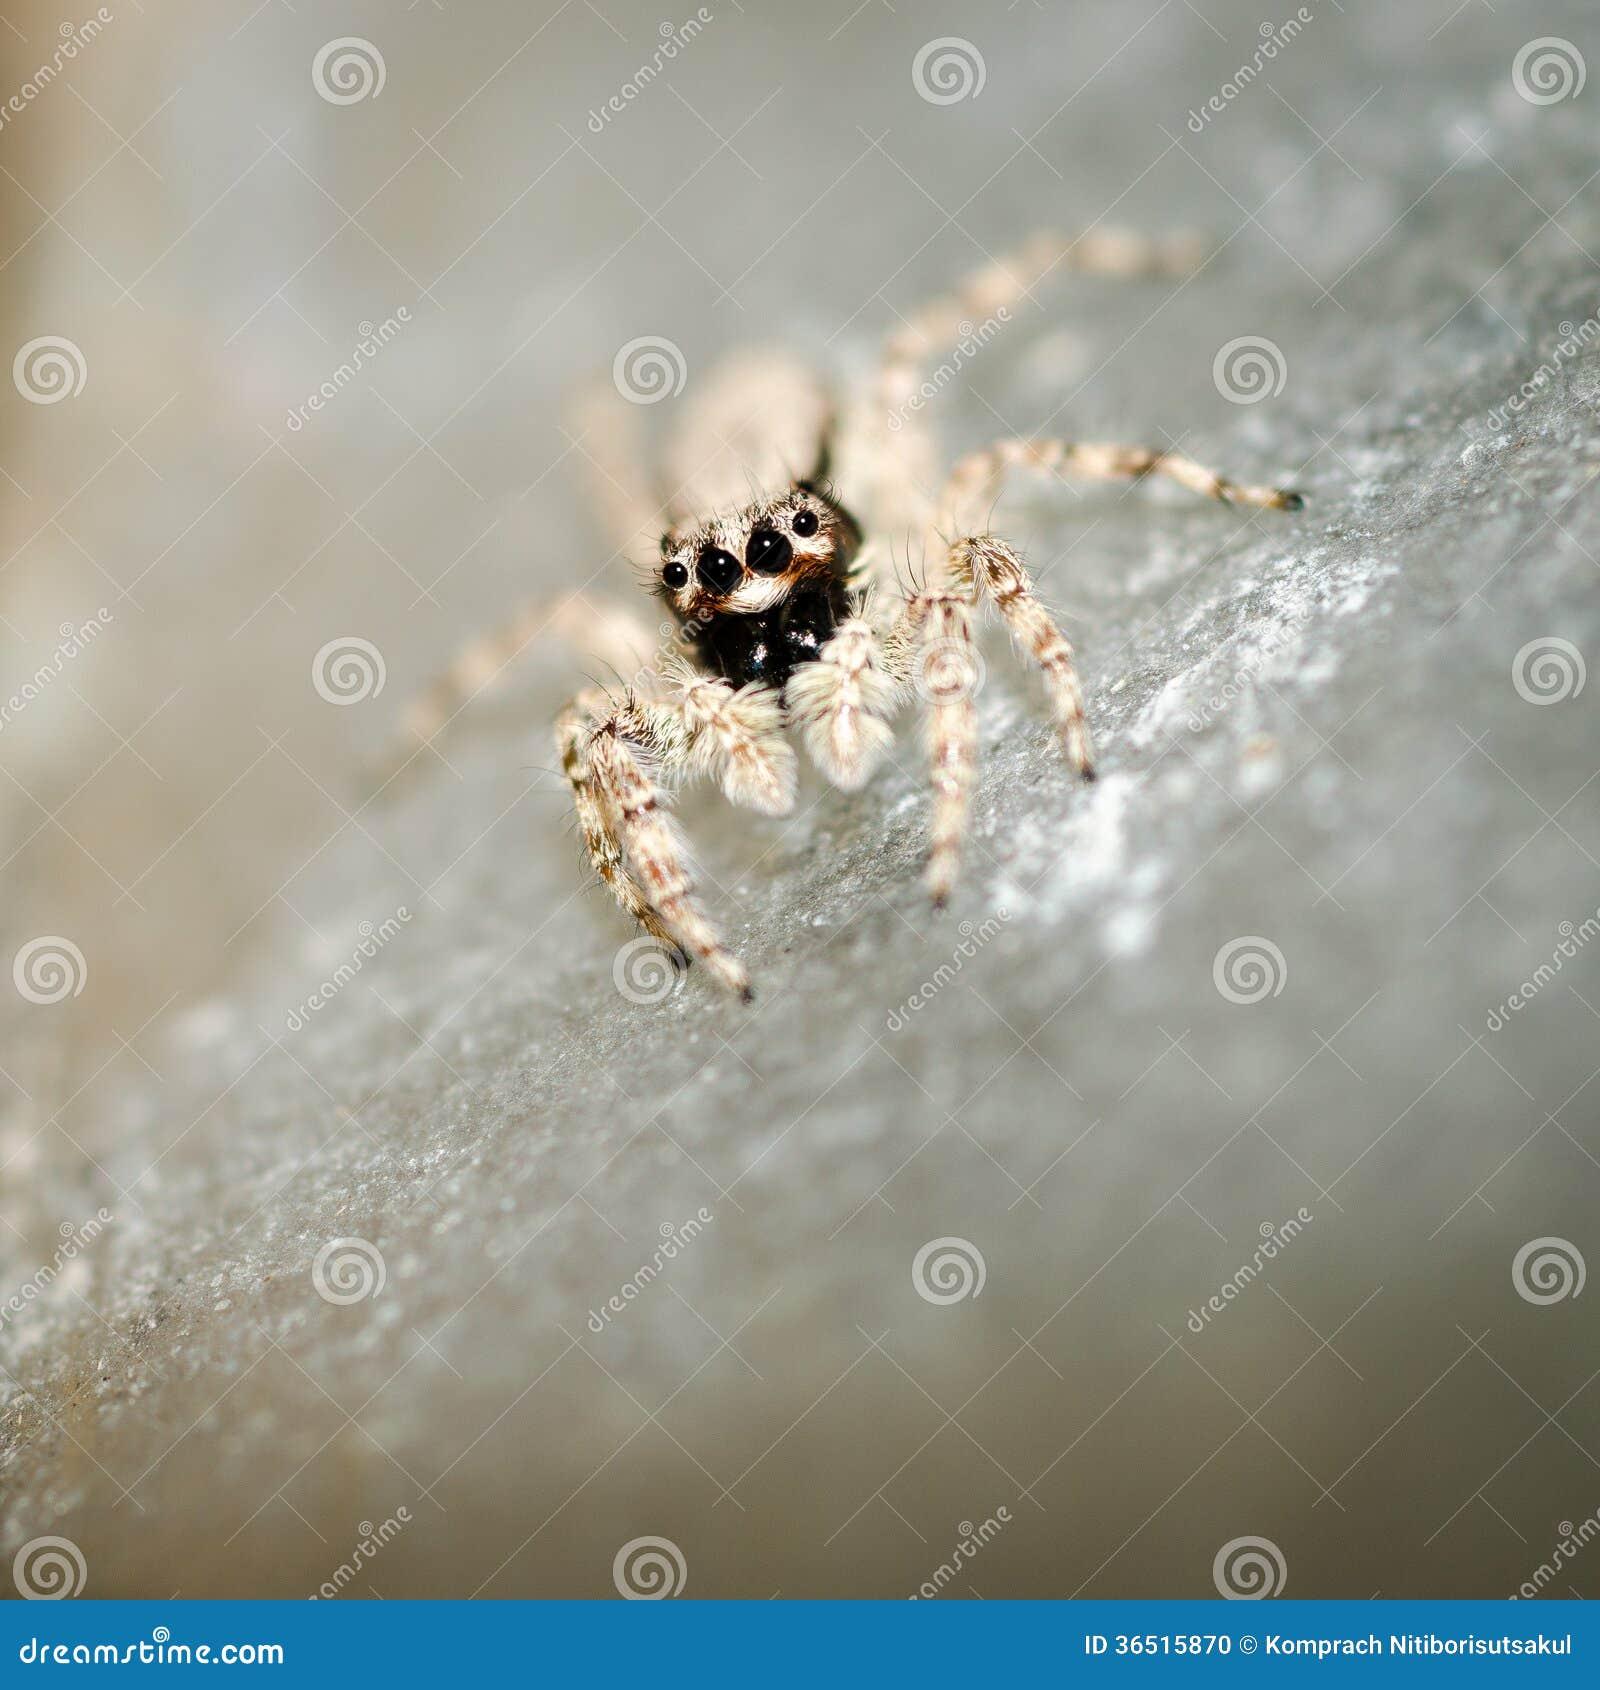 跳跃的蜘蛛。